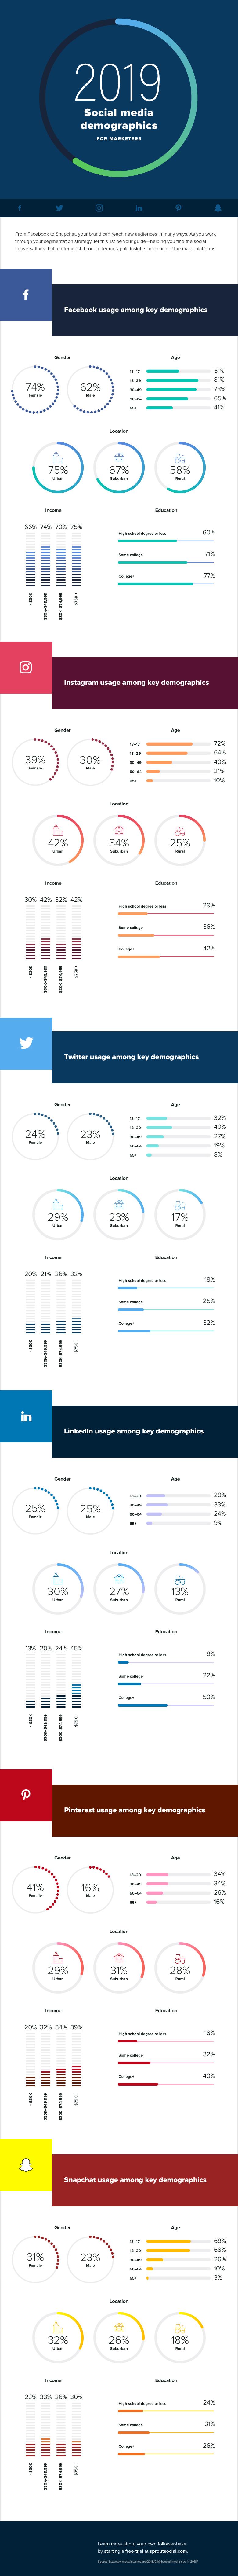 new social media demographics